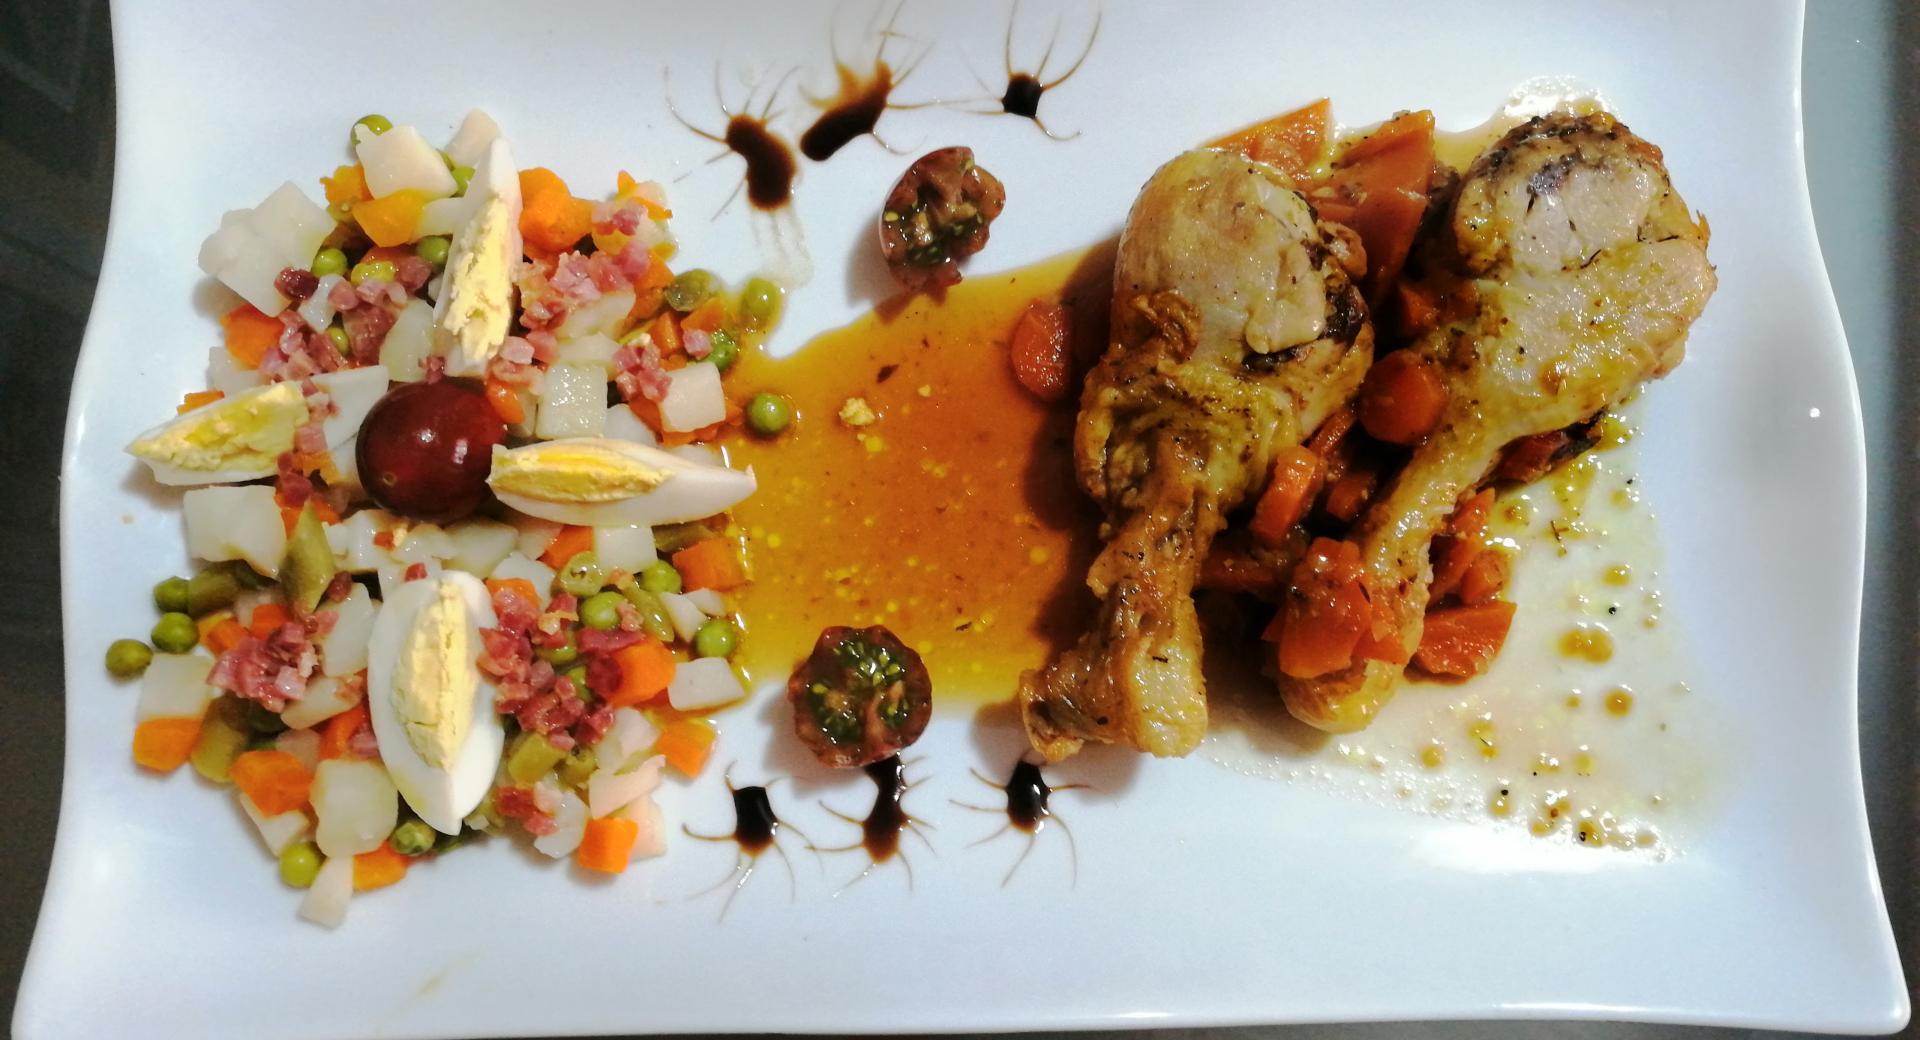 Muslos de pollo especiado con verduras al jerez y ensaladilla con crujiente de jamon